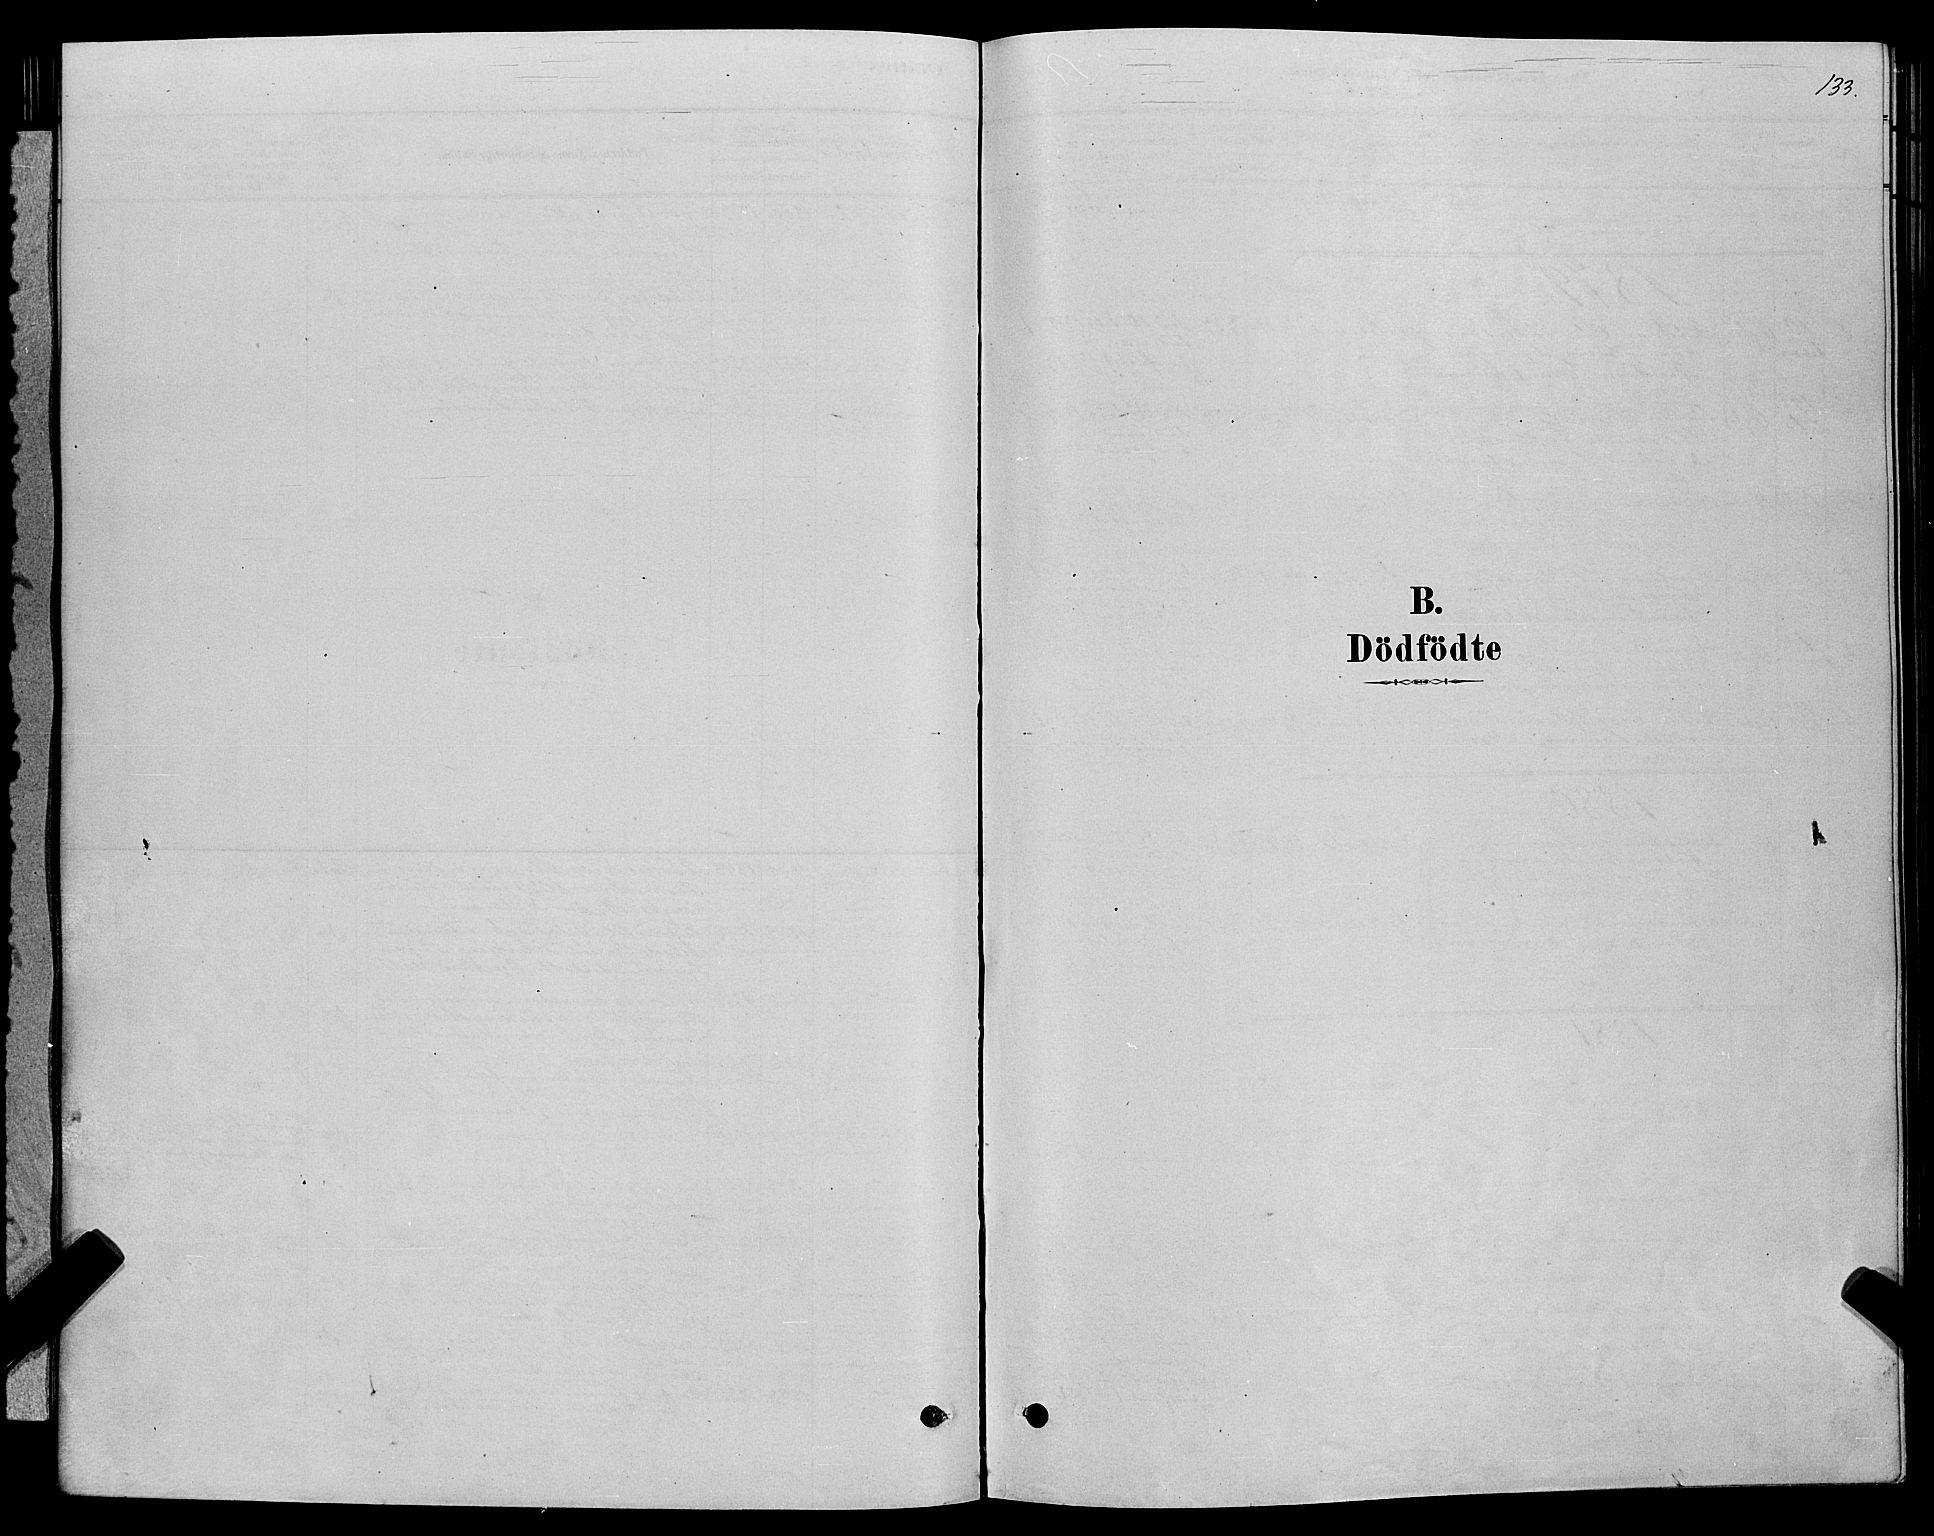 SAT, Ministerialprotokoller, klokkerbøker og fødselsregistre - Møre og Romsdal, 529/L0466: Klokkerbok nr. 529C03, 1878-1888, s. 133